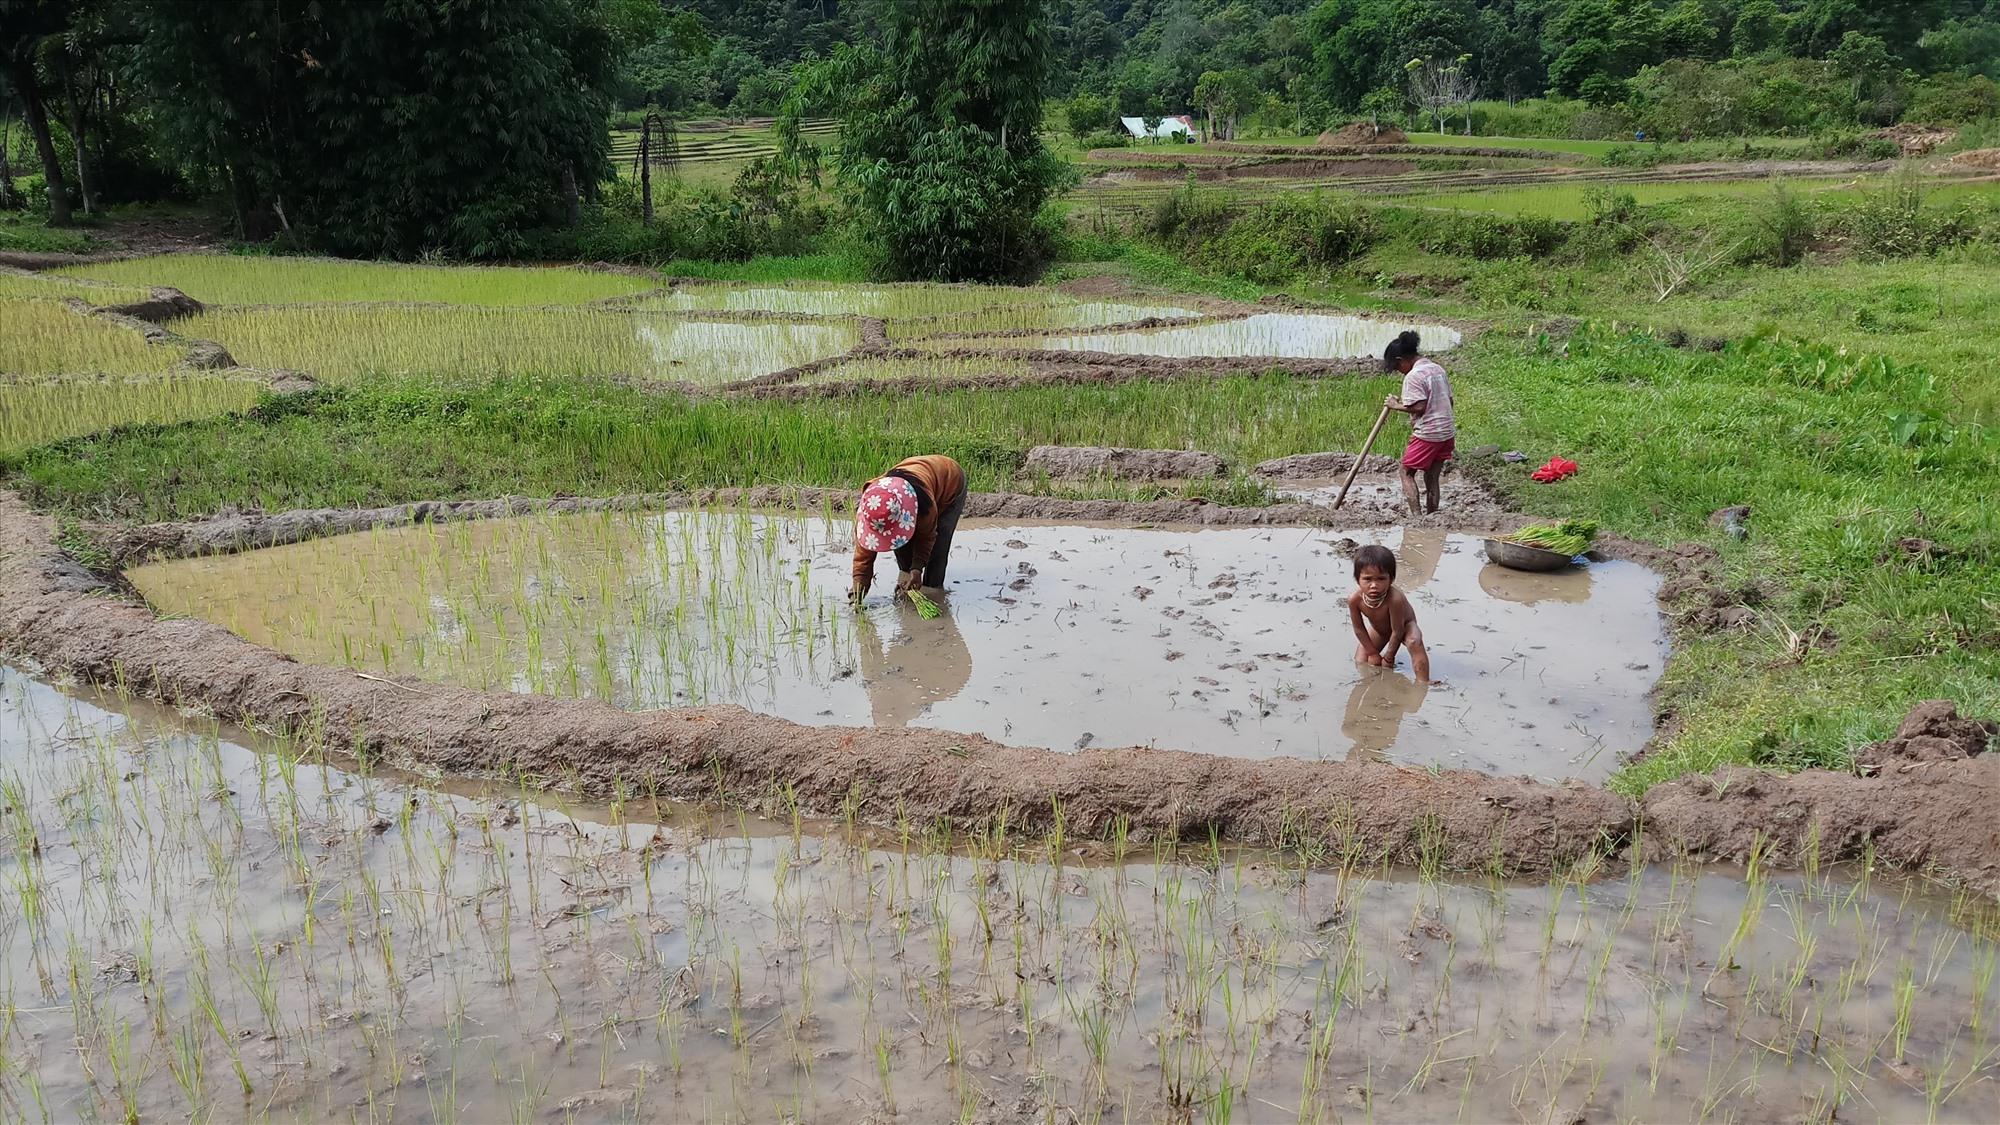 Mở rộng nguồn vốn đầu tư giúp người dân miền núi Tây Giang được hưởng lợi nhiều hơn, góp phần cho việc giảm nghèo hiệu quả. Ảnh: A.N